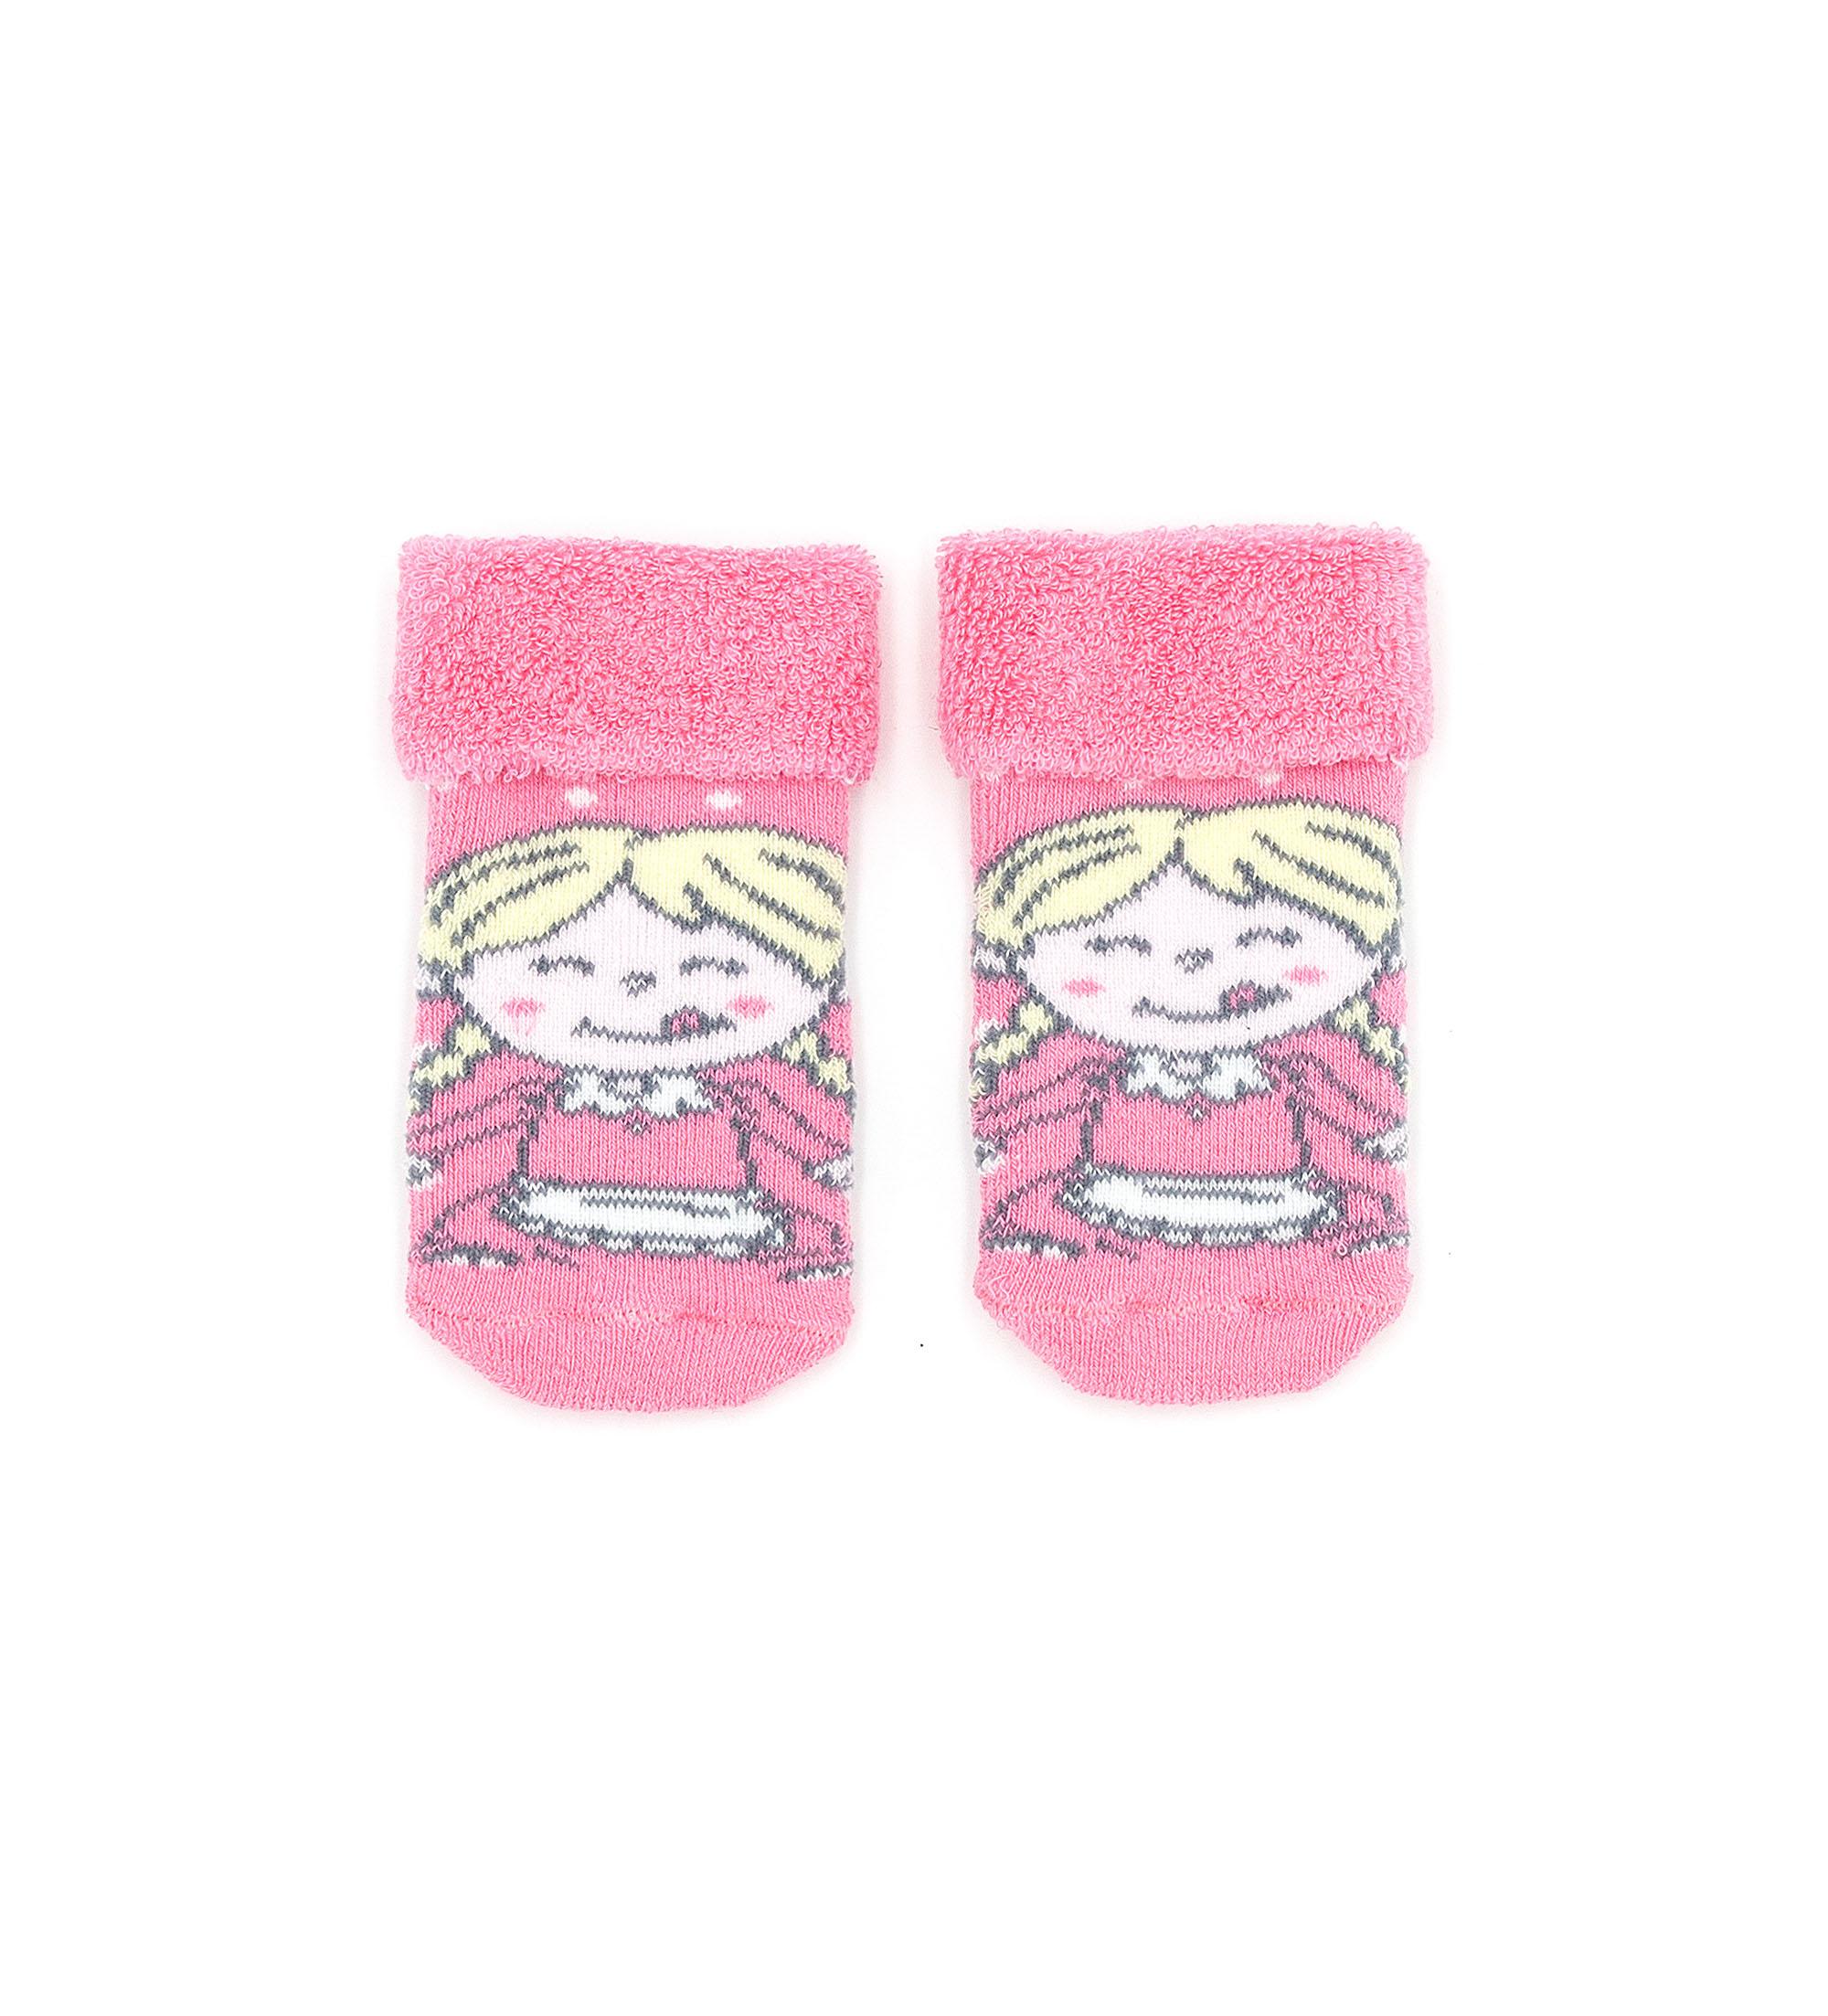 Носки Original Marines, розовый, 10-11, Девочки, зима  - купить со скидкой